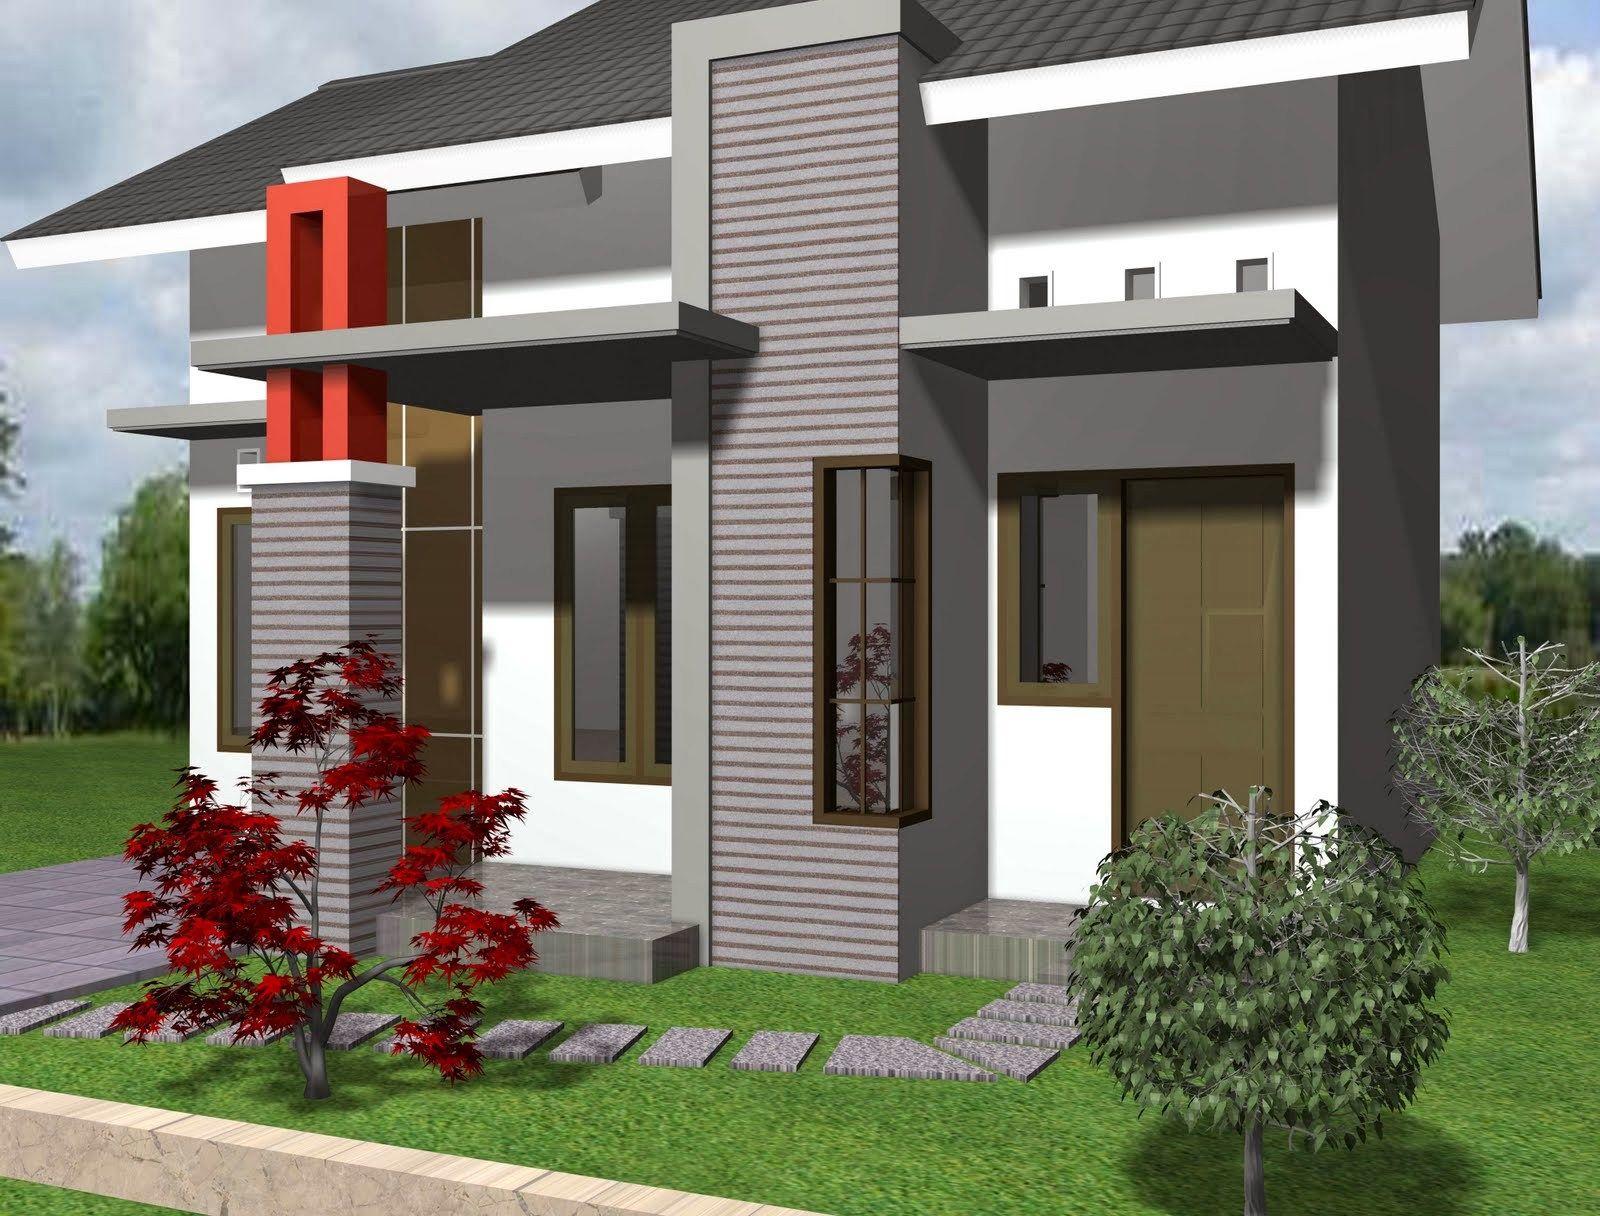 Desain Rumah Minimalis Hd Terbaru Simple House Design House